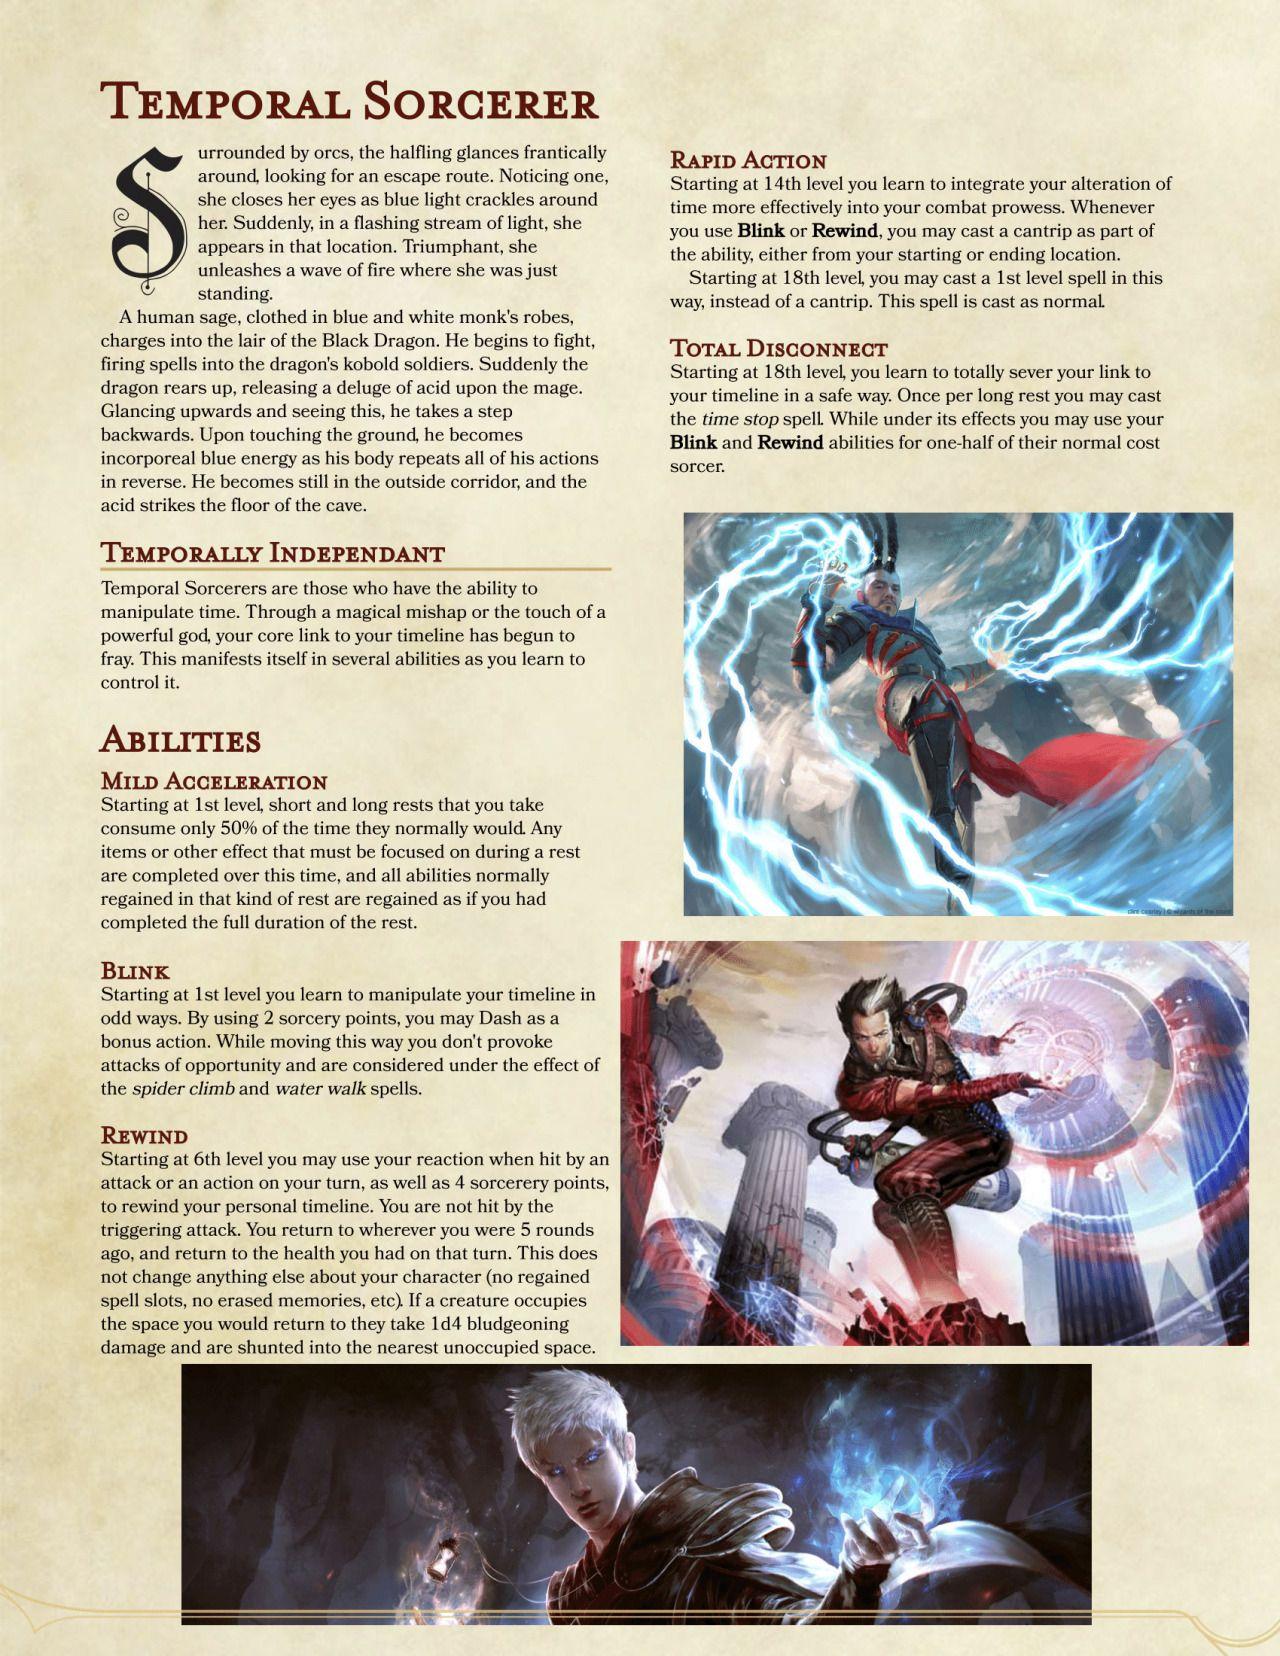 DnD 5e Homebrew — Temporal Sorcerer by megaPisces617   D&D